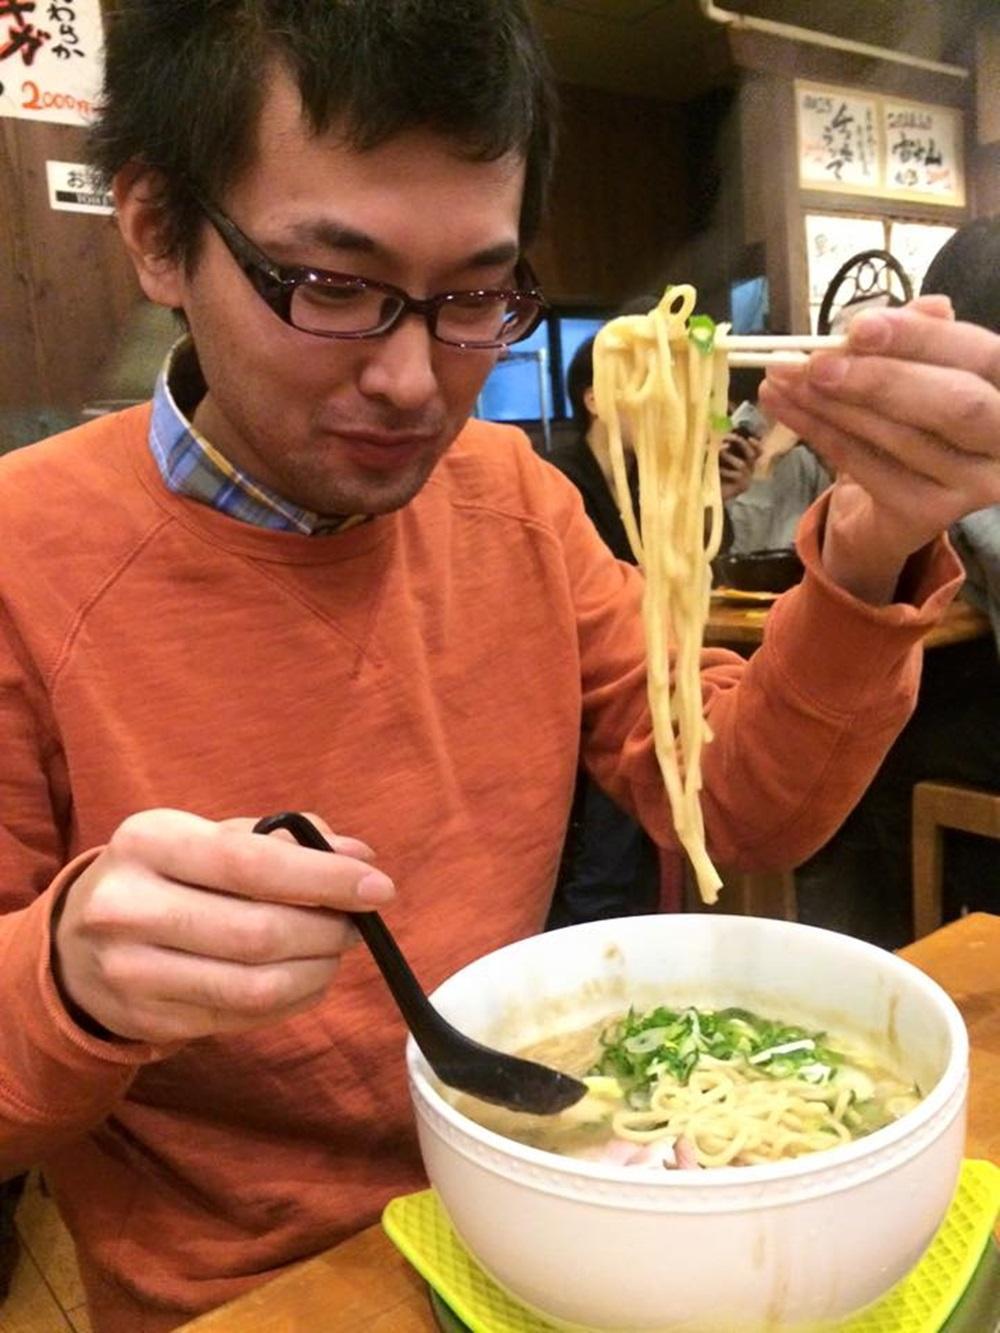 K很霸氣地夾了一大筷子,此時他還不知道自己幾分鐘後的命運。